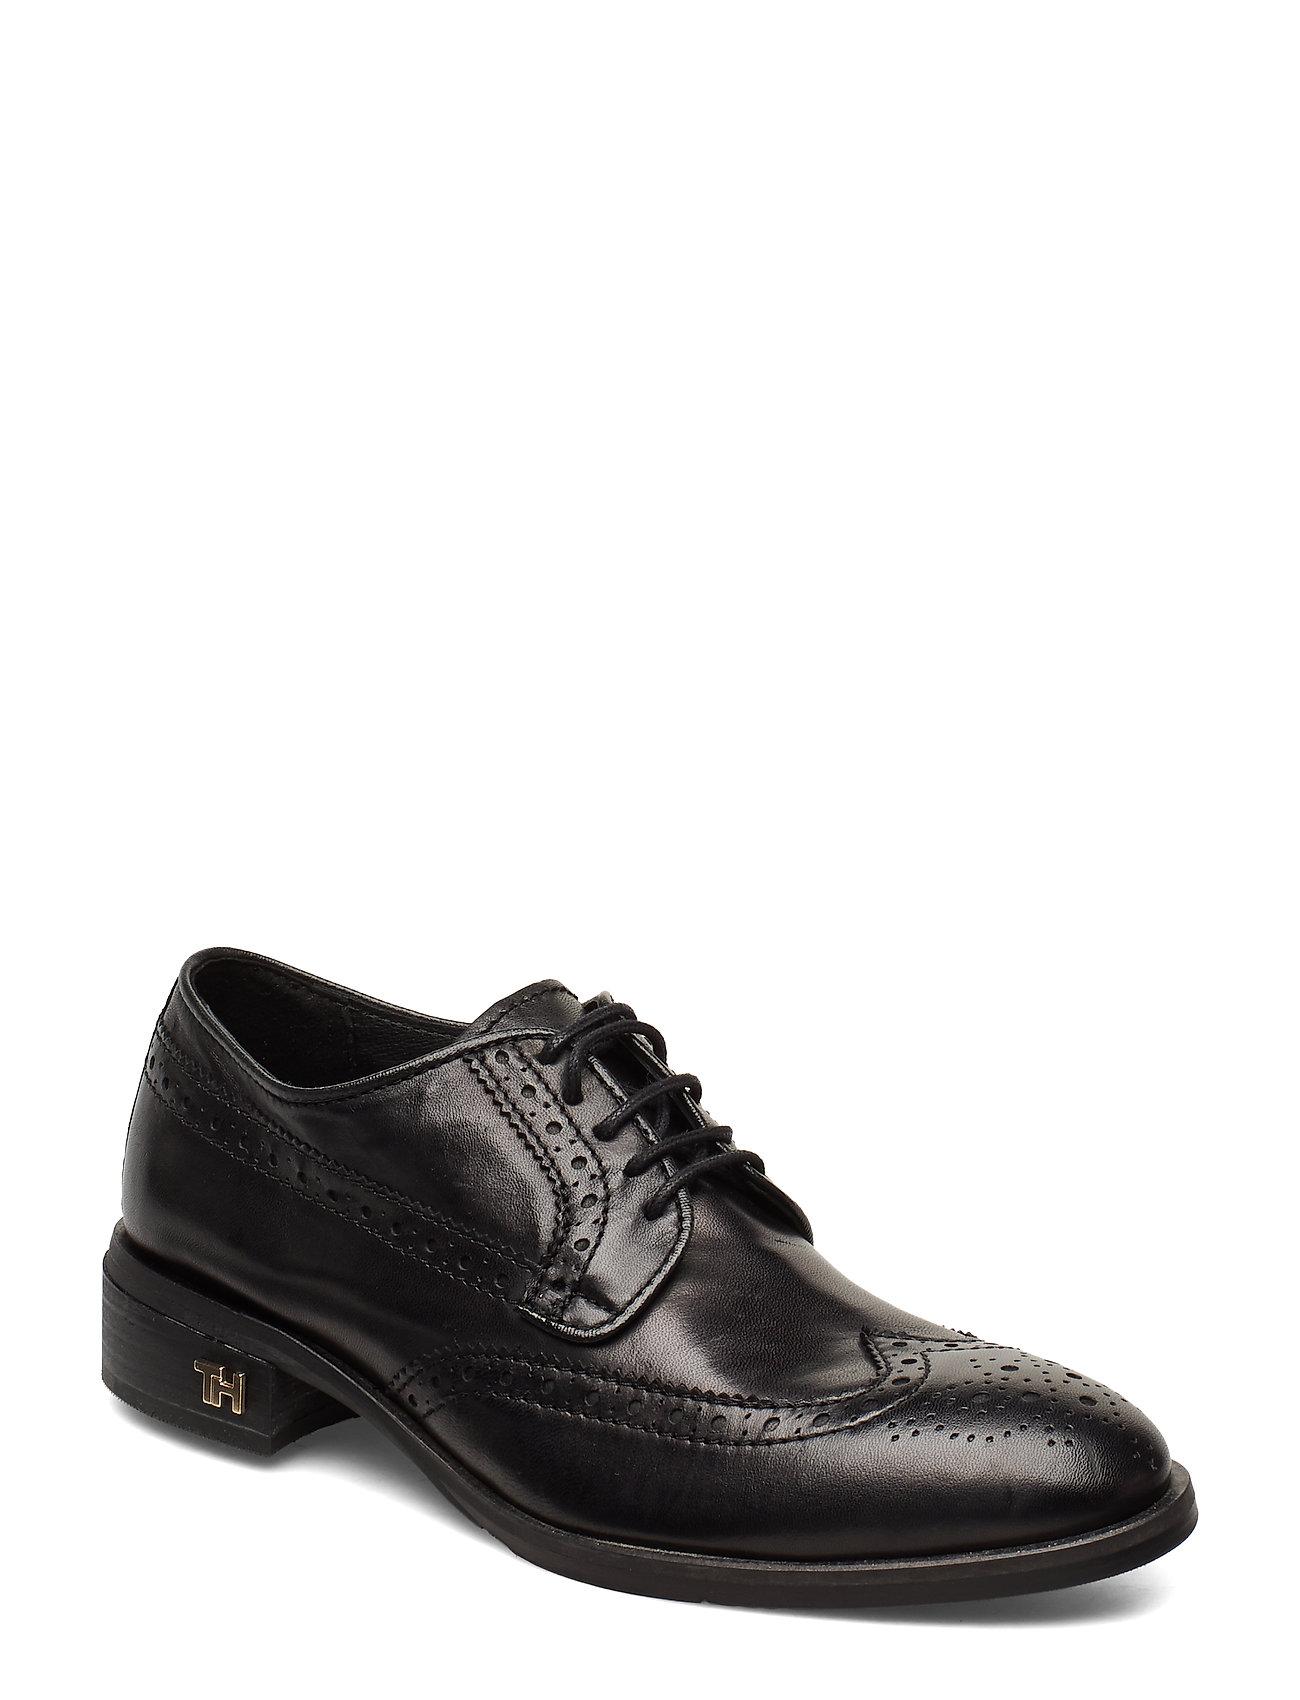 Mono Color Flat Shoes Snøresko Flade Sort Tommy Hilfiger